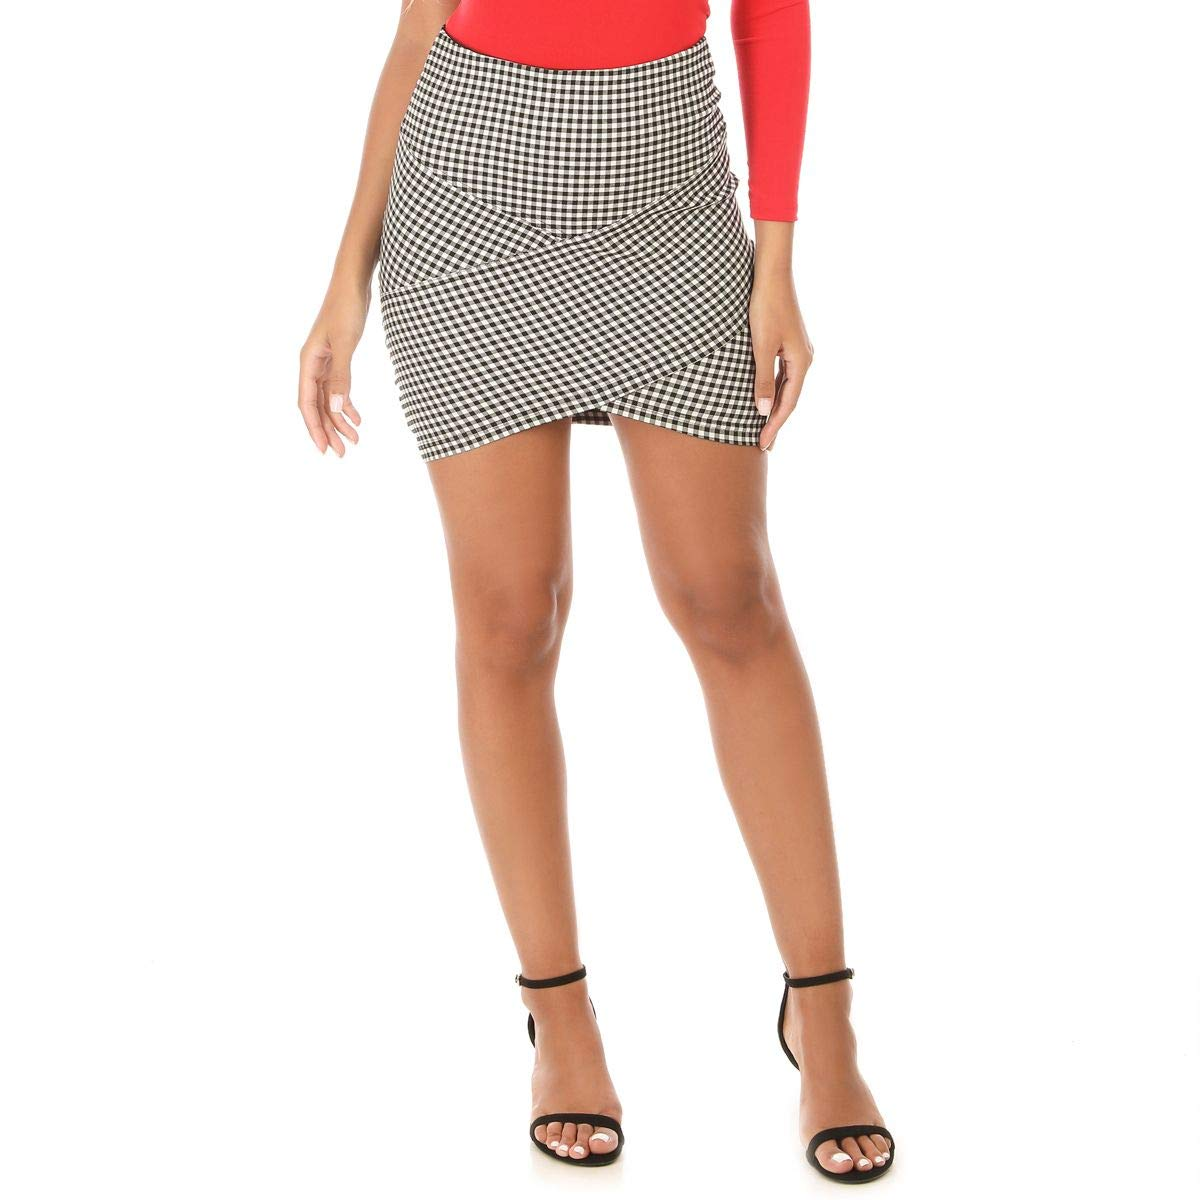 La Modeuse - Falda asimétrica con diseño: Amazon.es: Ropa y accesorios